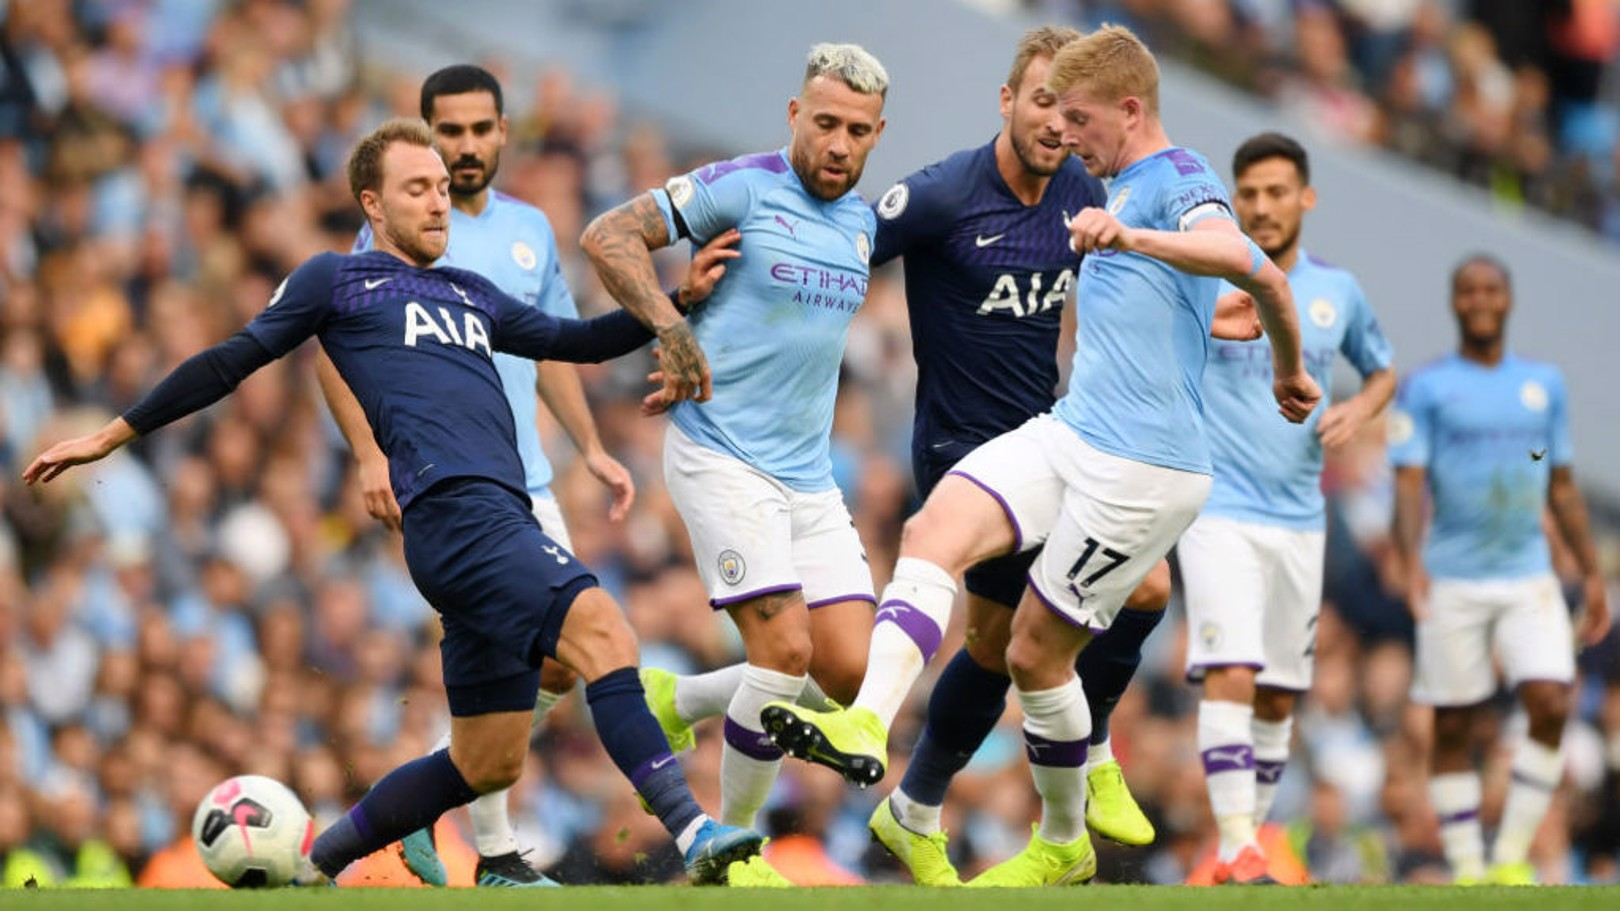 City v Tottenham: All the key stats